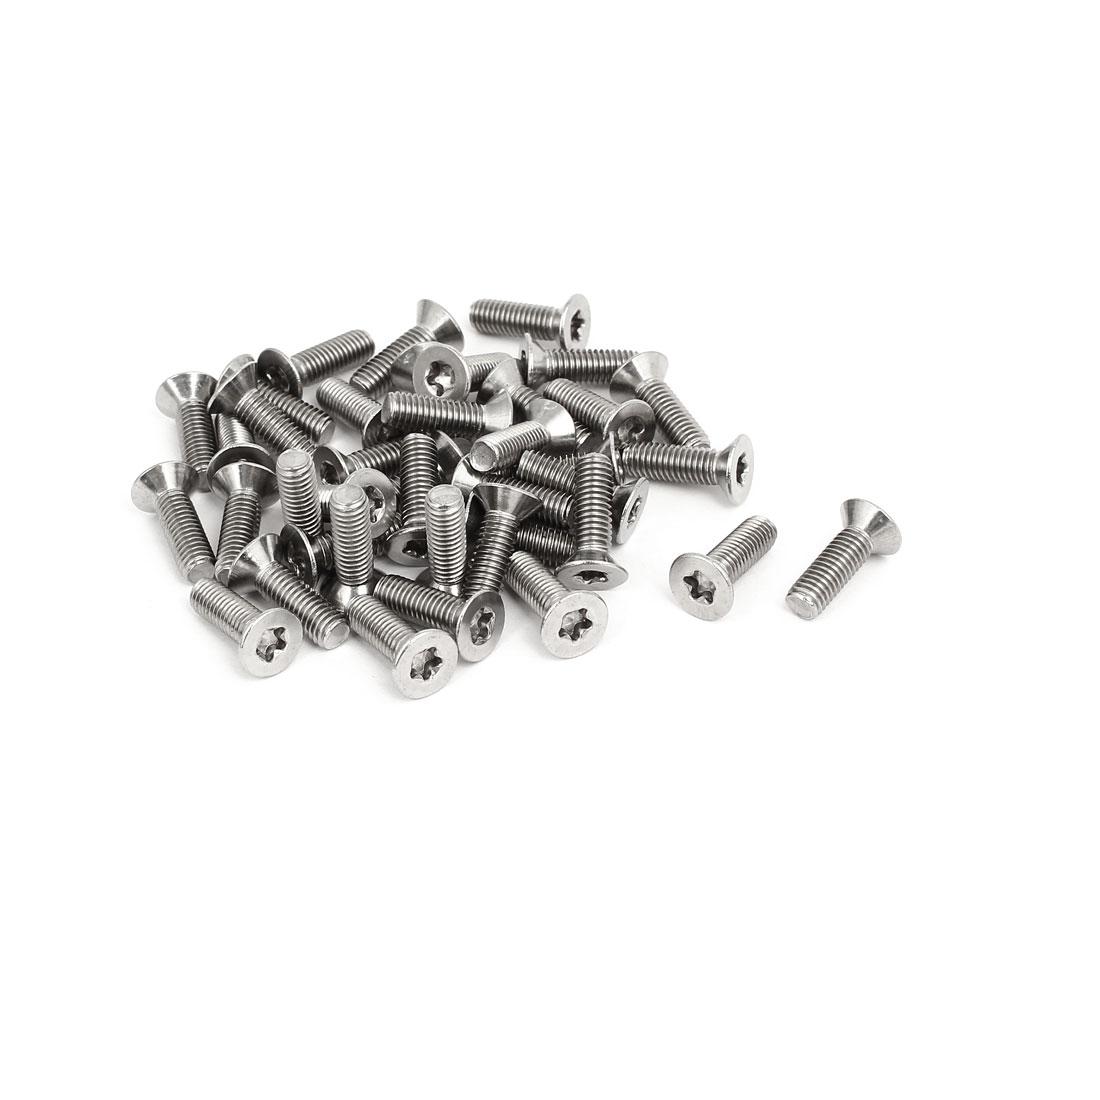 M5x16mm 304 Stainless Steel Countersunk Flat Head Torx Five-Lobe Screw 40pcs